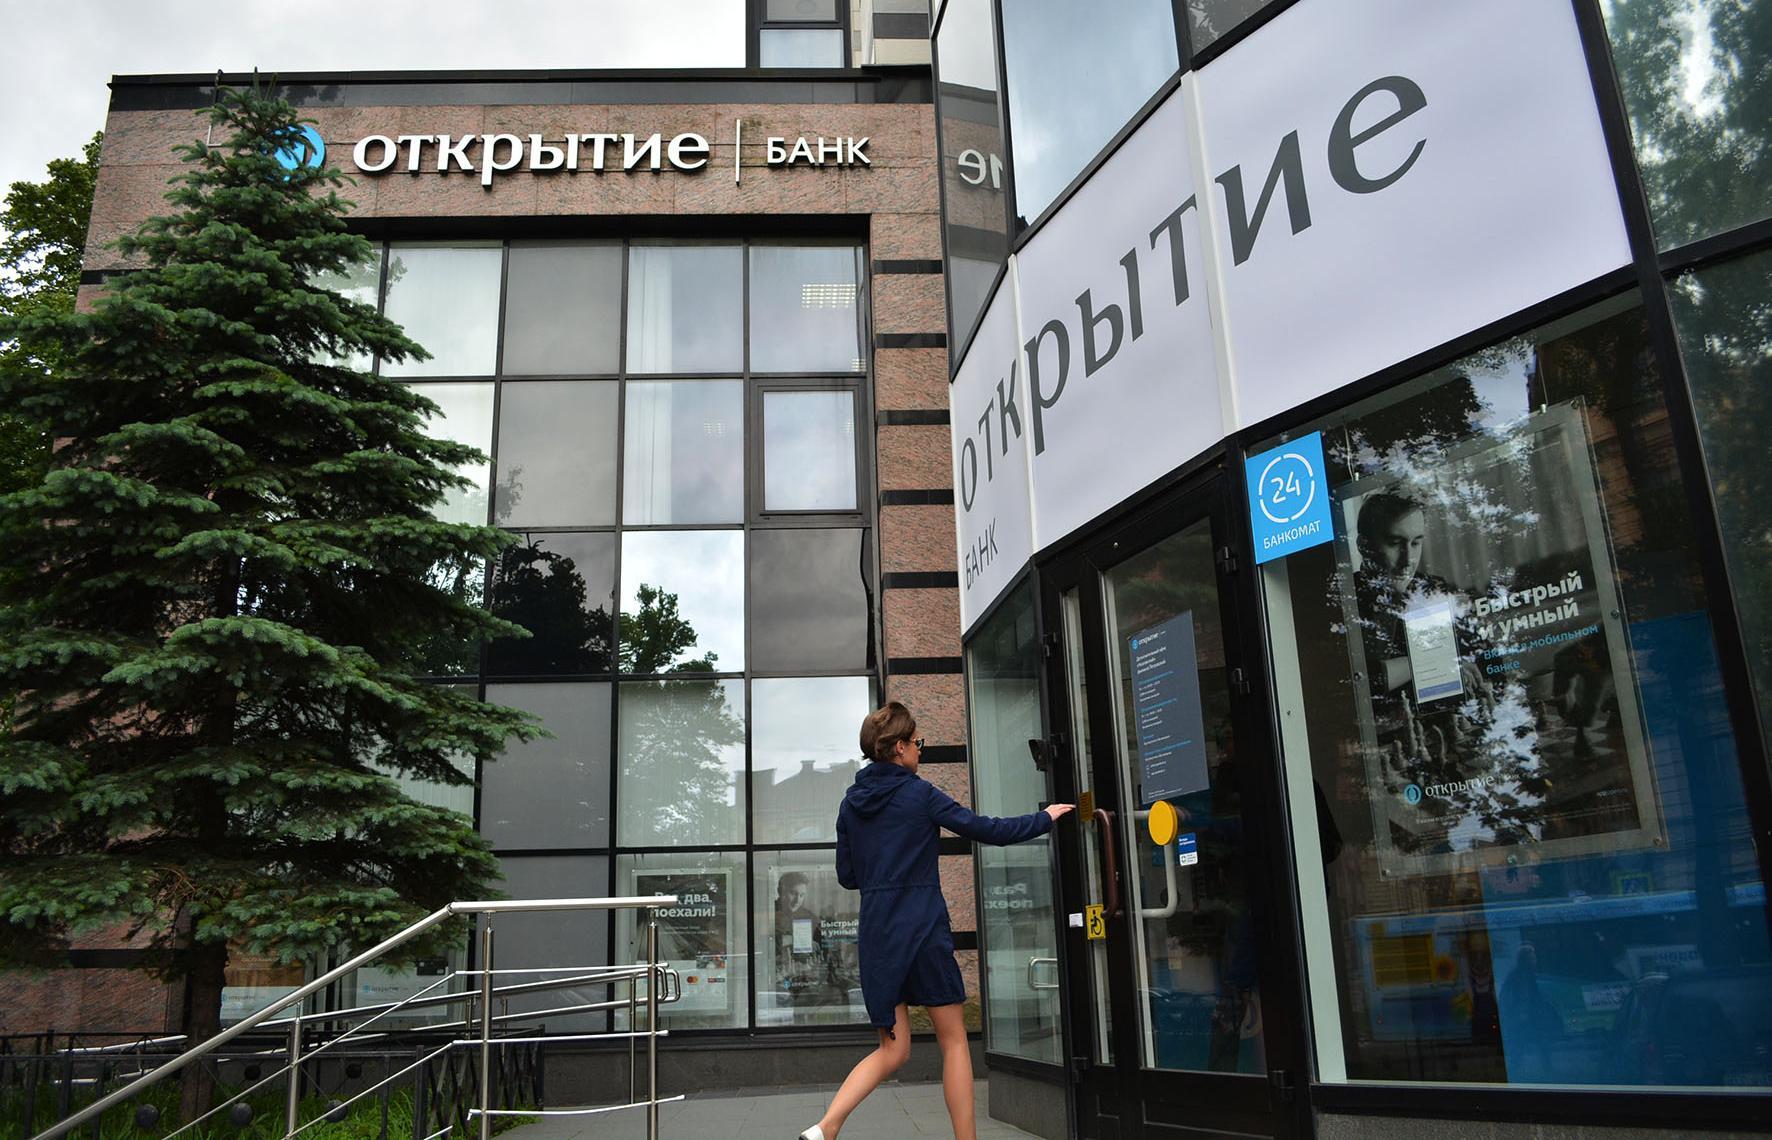 Банк «Открытие» предложил рефинансирование ипотеки по ставке 4,7% годовых